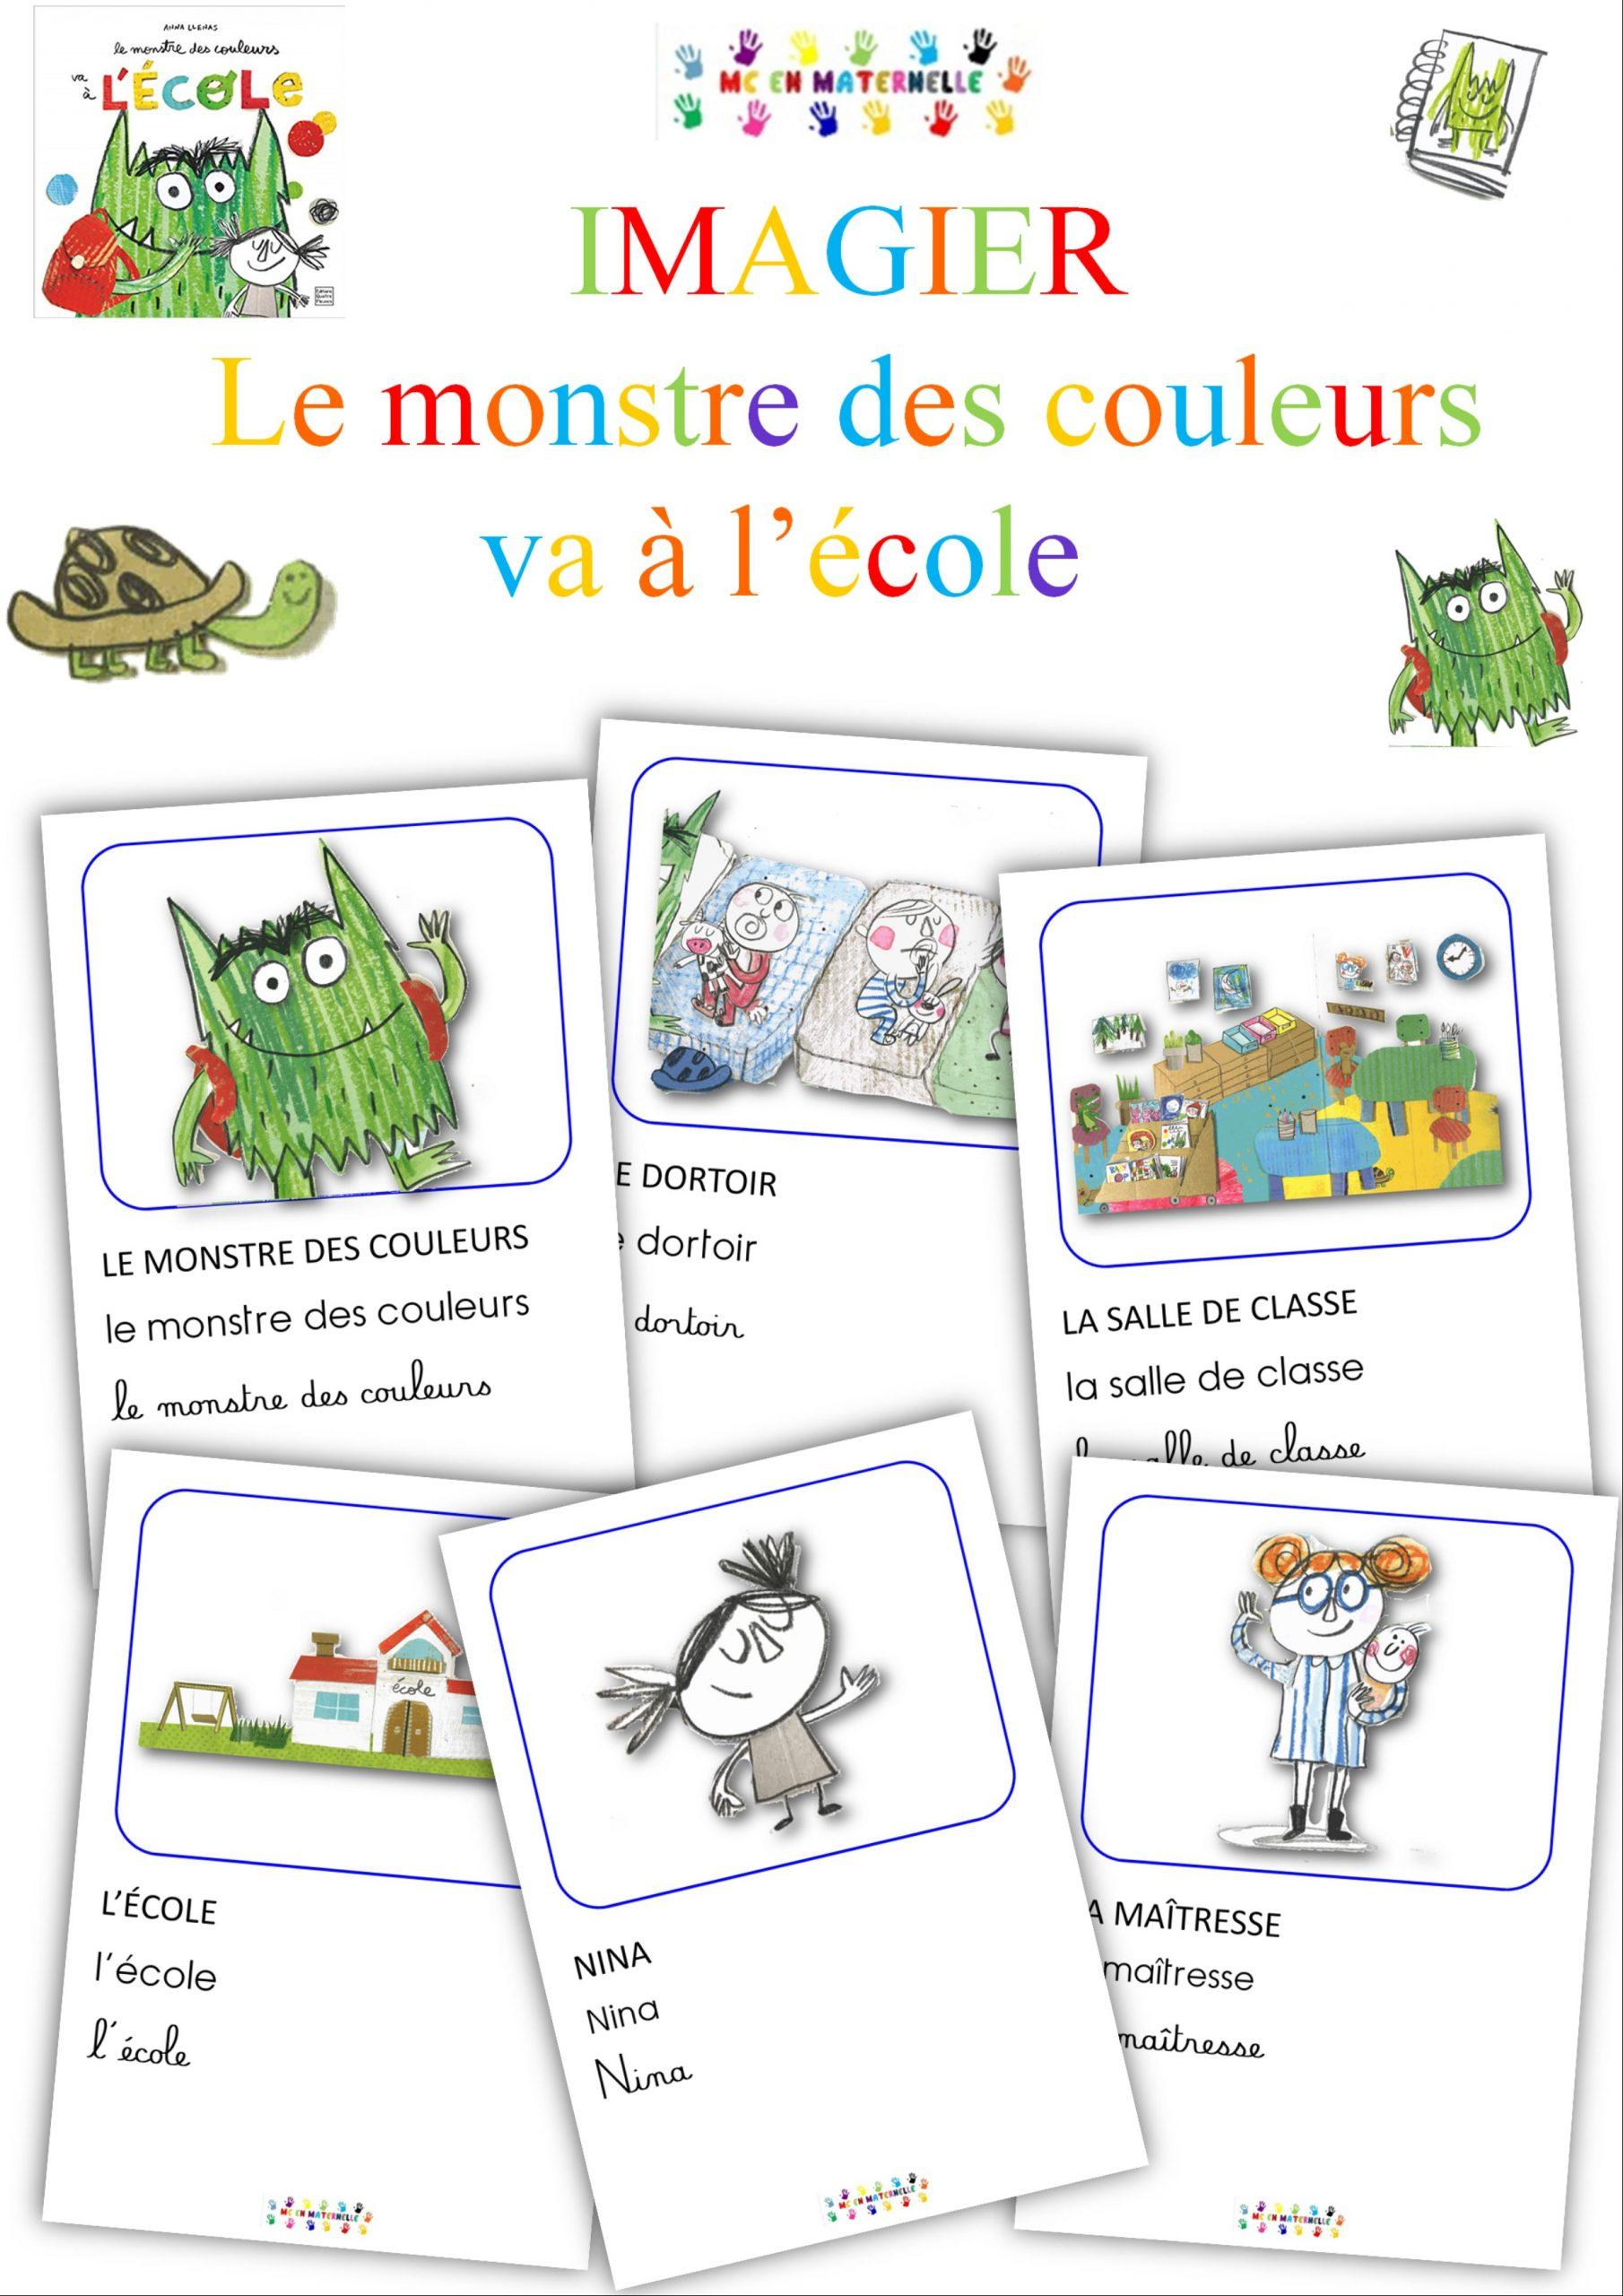 Le Monstre Des Couleurs Va À L'École : Imagier - Mc En intérieur Le Magicien Des Couleurs Maternelle